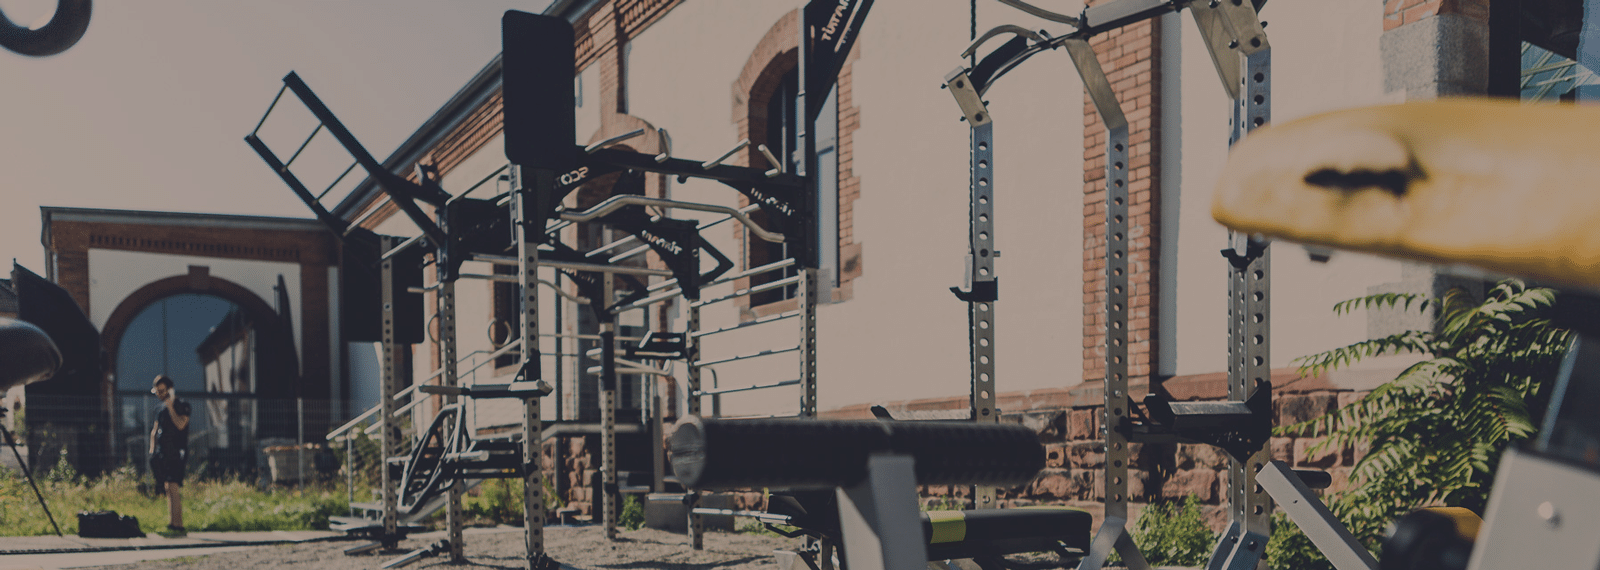 kraftwerk Freiburg Outdoor Trainingsbereich